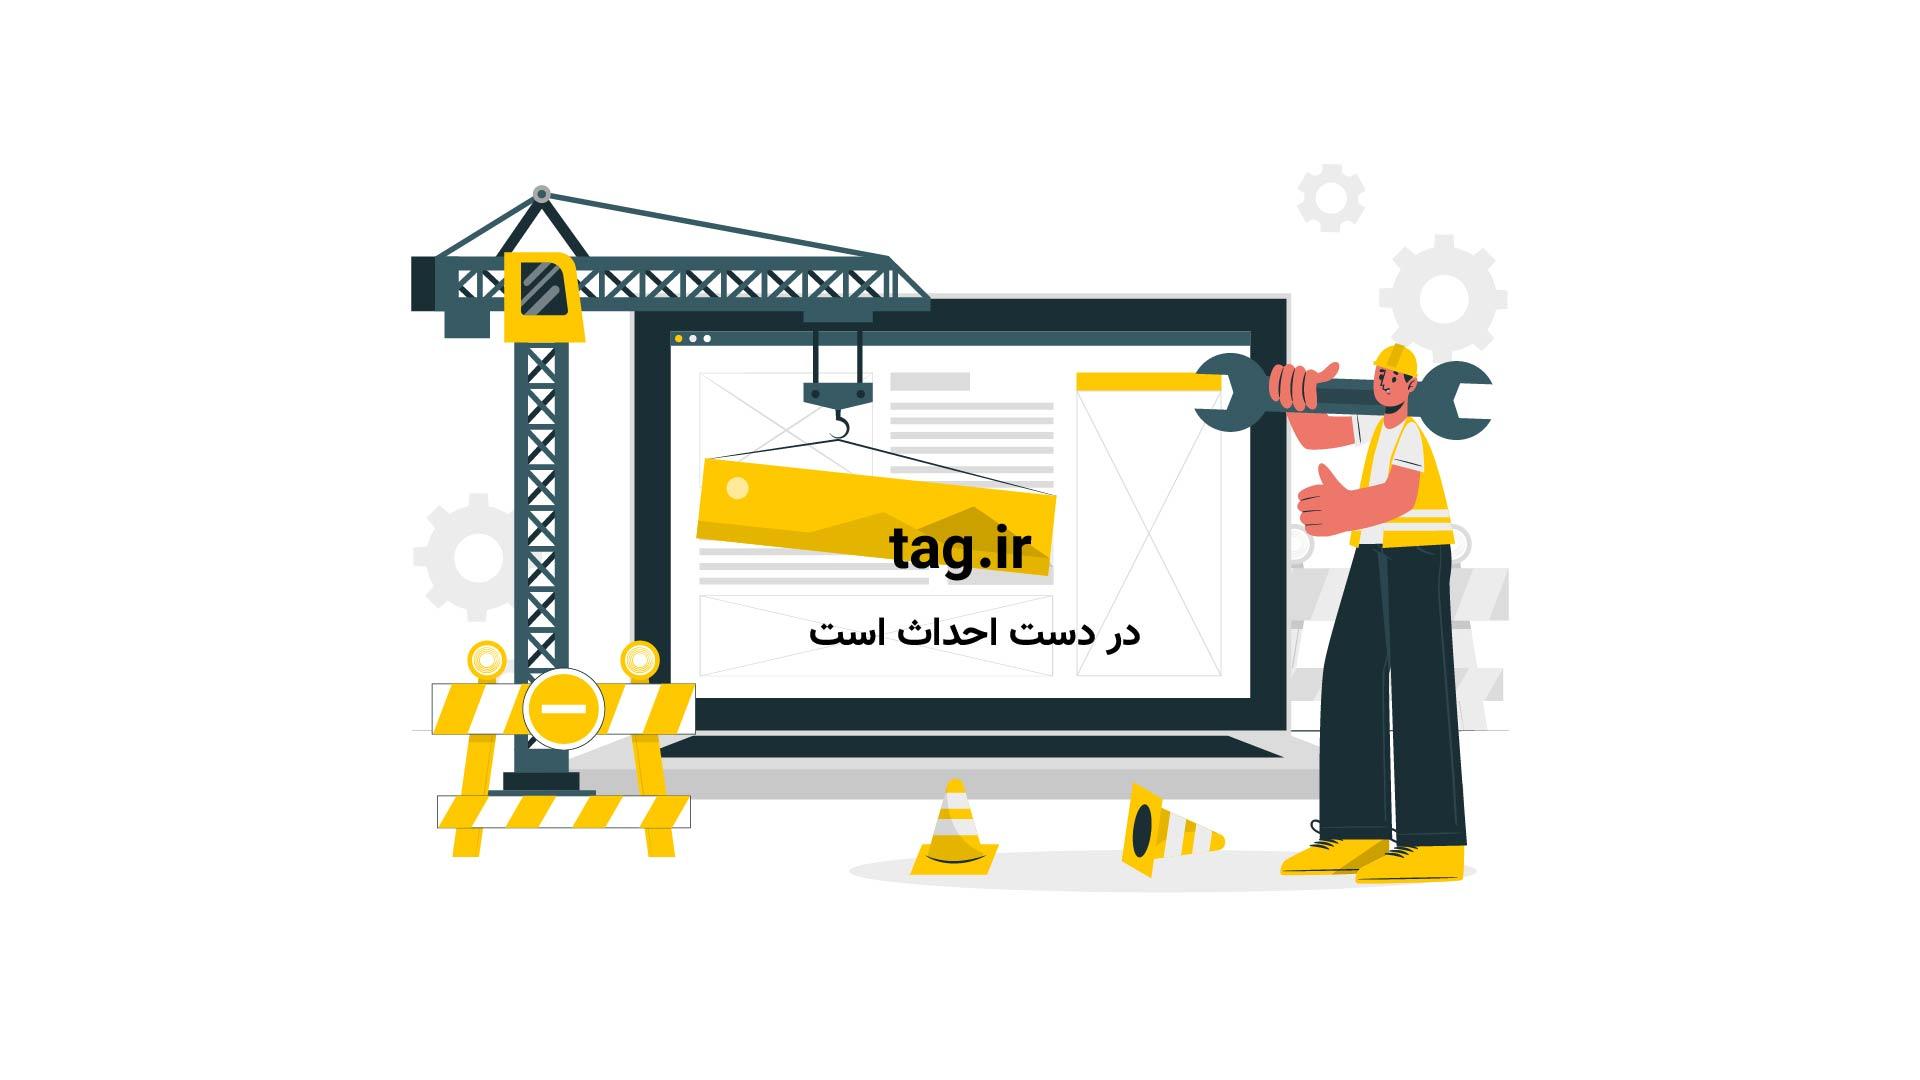 قدم زدن در یک صبح دل انگیز در ساحل دریای کاسپین | فیلم